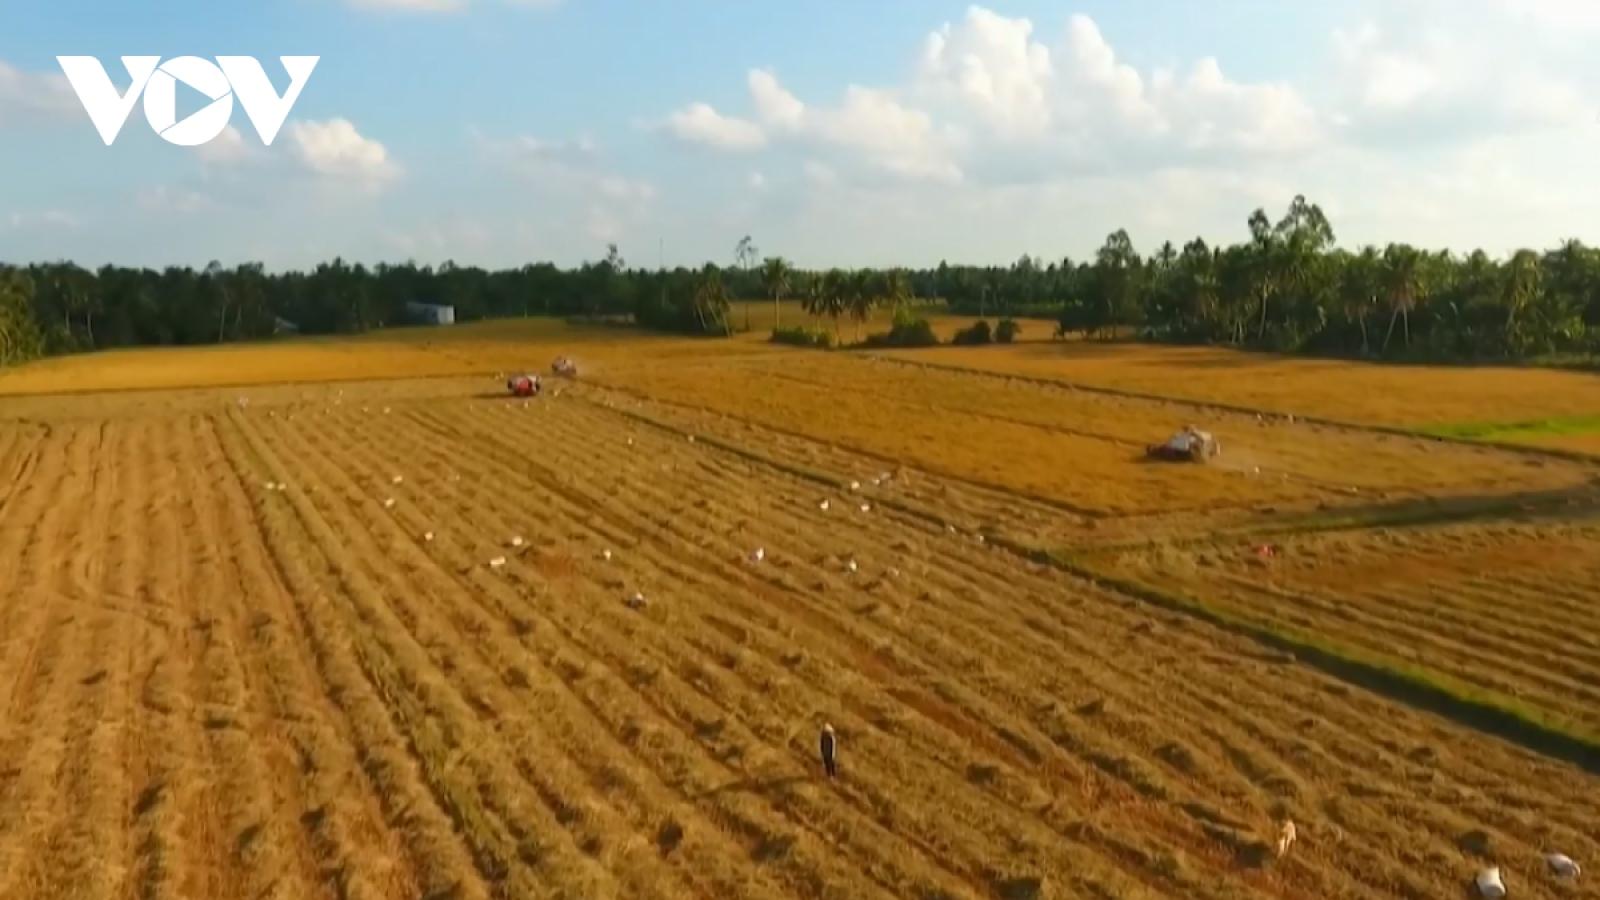 Đề xuất hỗ trợ lúa giống cho nông dân ĐBSCL sản xuất vụ Đông xuân 2021-2022